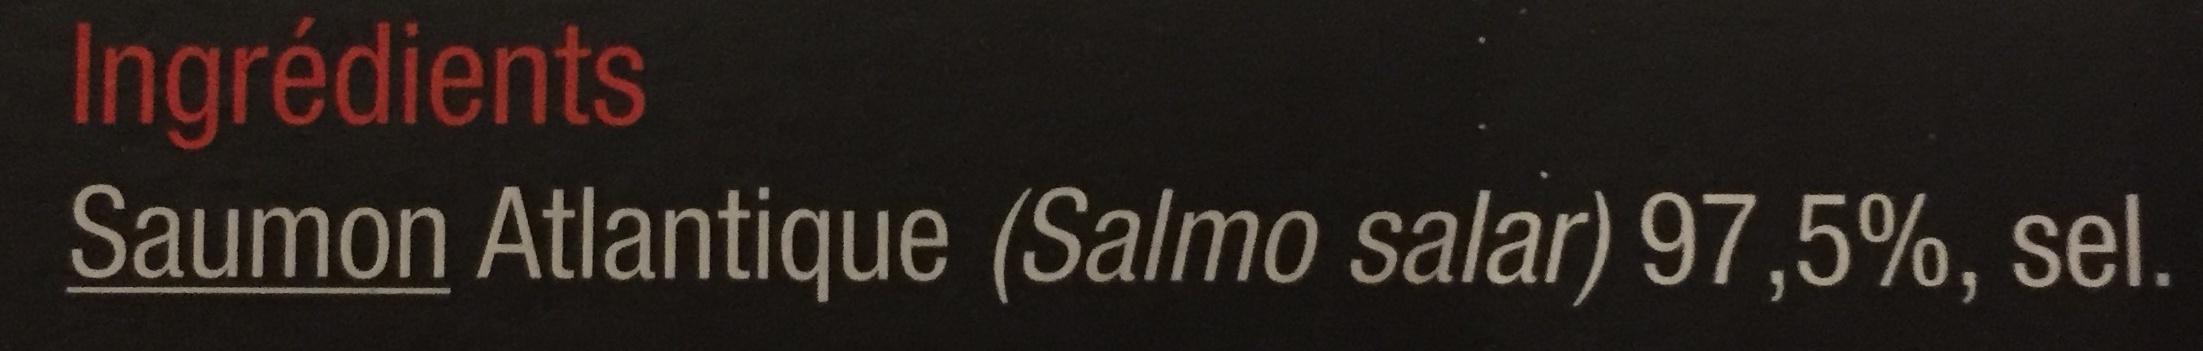 Saumon Atlantique fumé élevé dans les lochs d'Ecosse - Ingredients